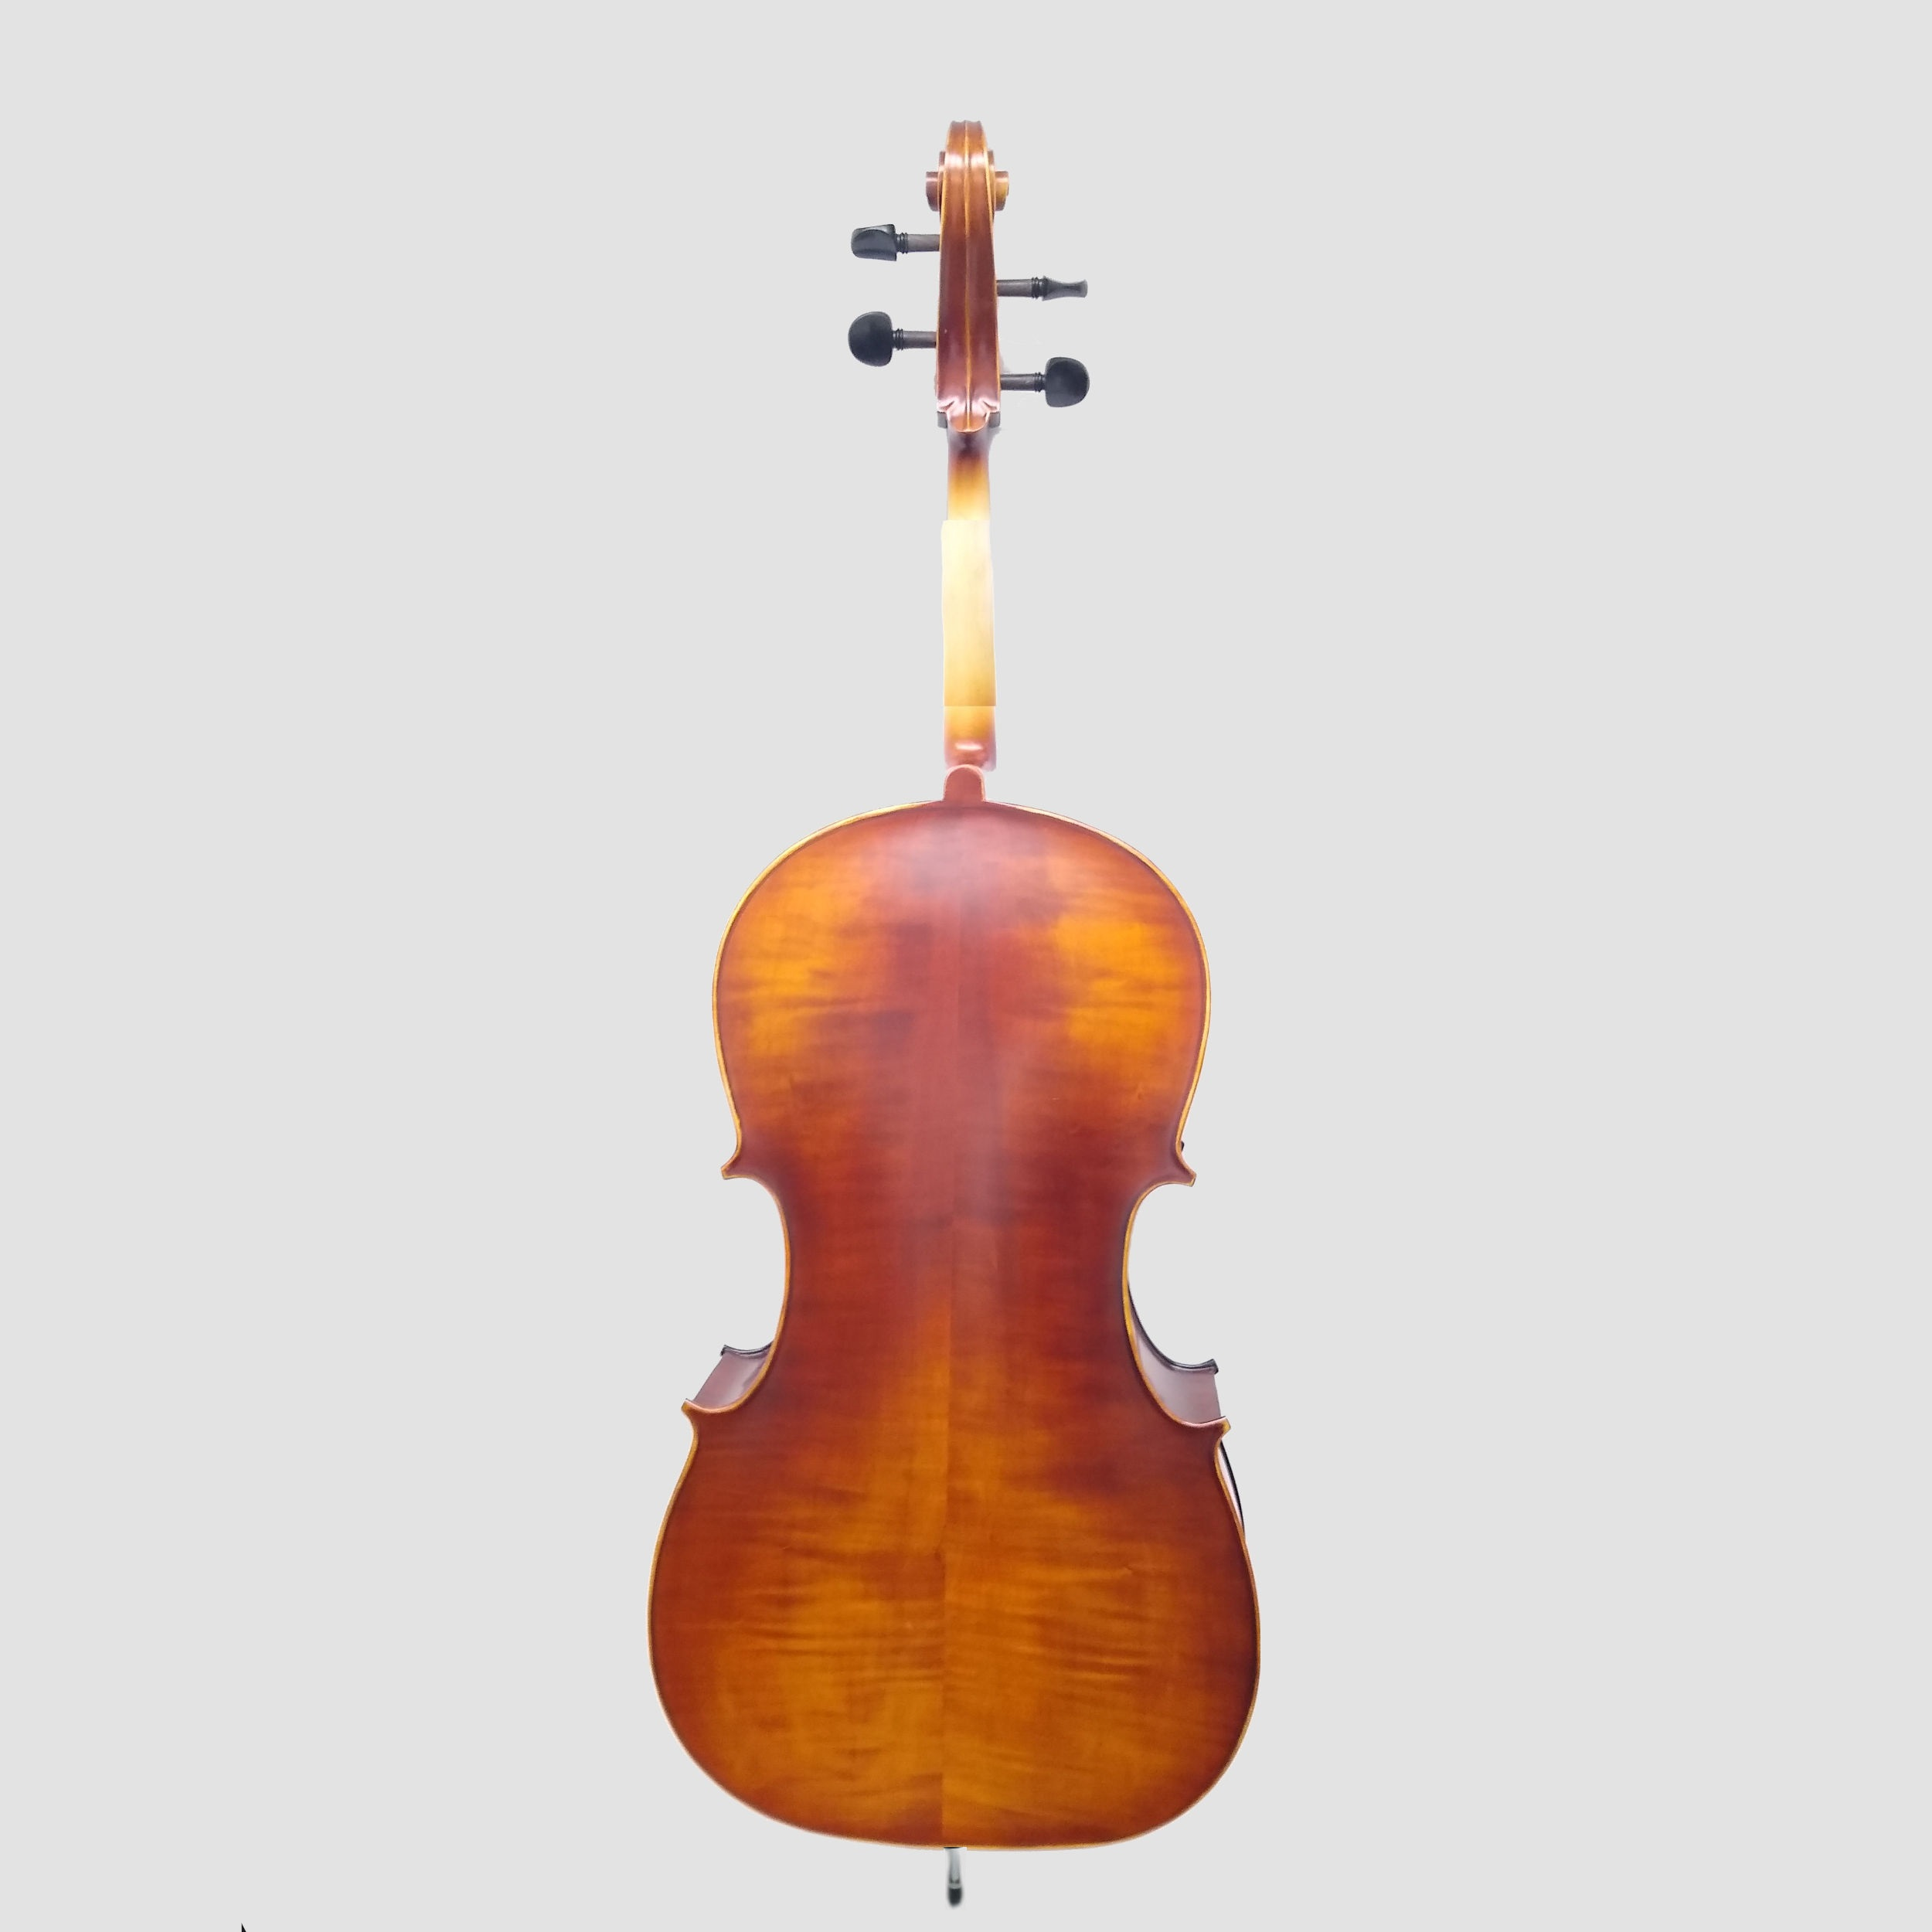 Vienna Strings Munich Cello 4/4